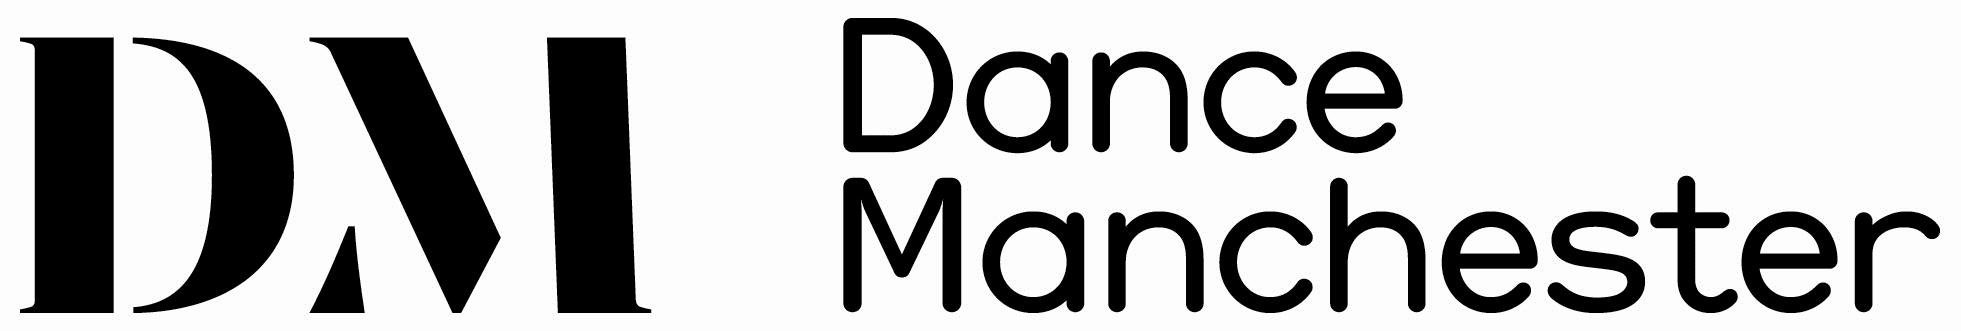 Dance-Manchester-long-letter-header.png